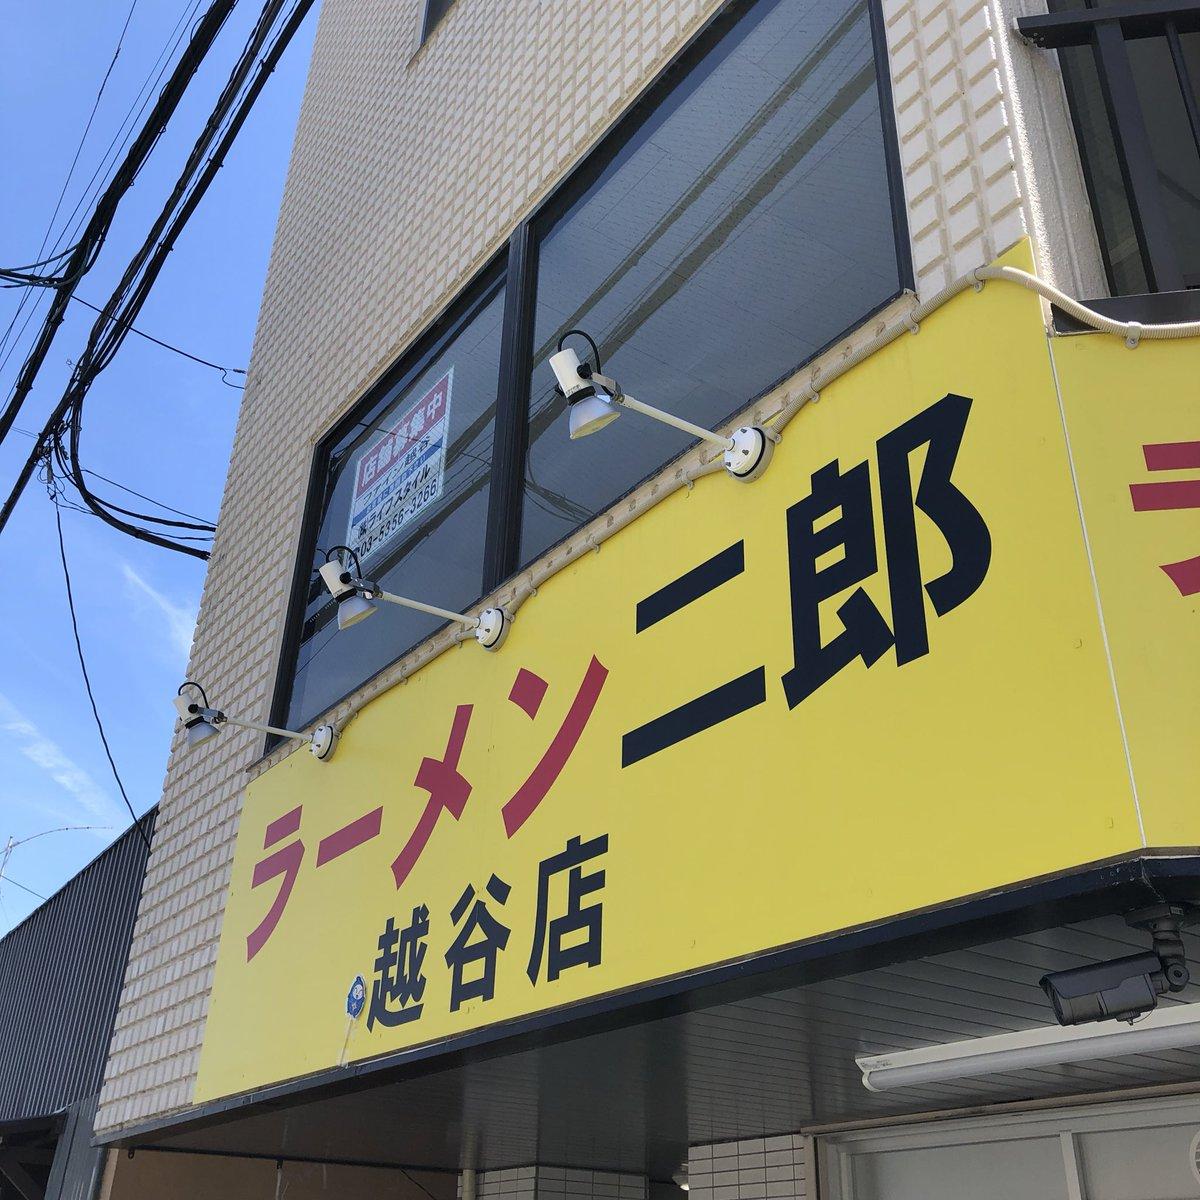 ラーメン二郎越谷店さんで「小ラーメン(麺少なめ)、ヤサイアブラ」いただきました